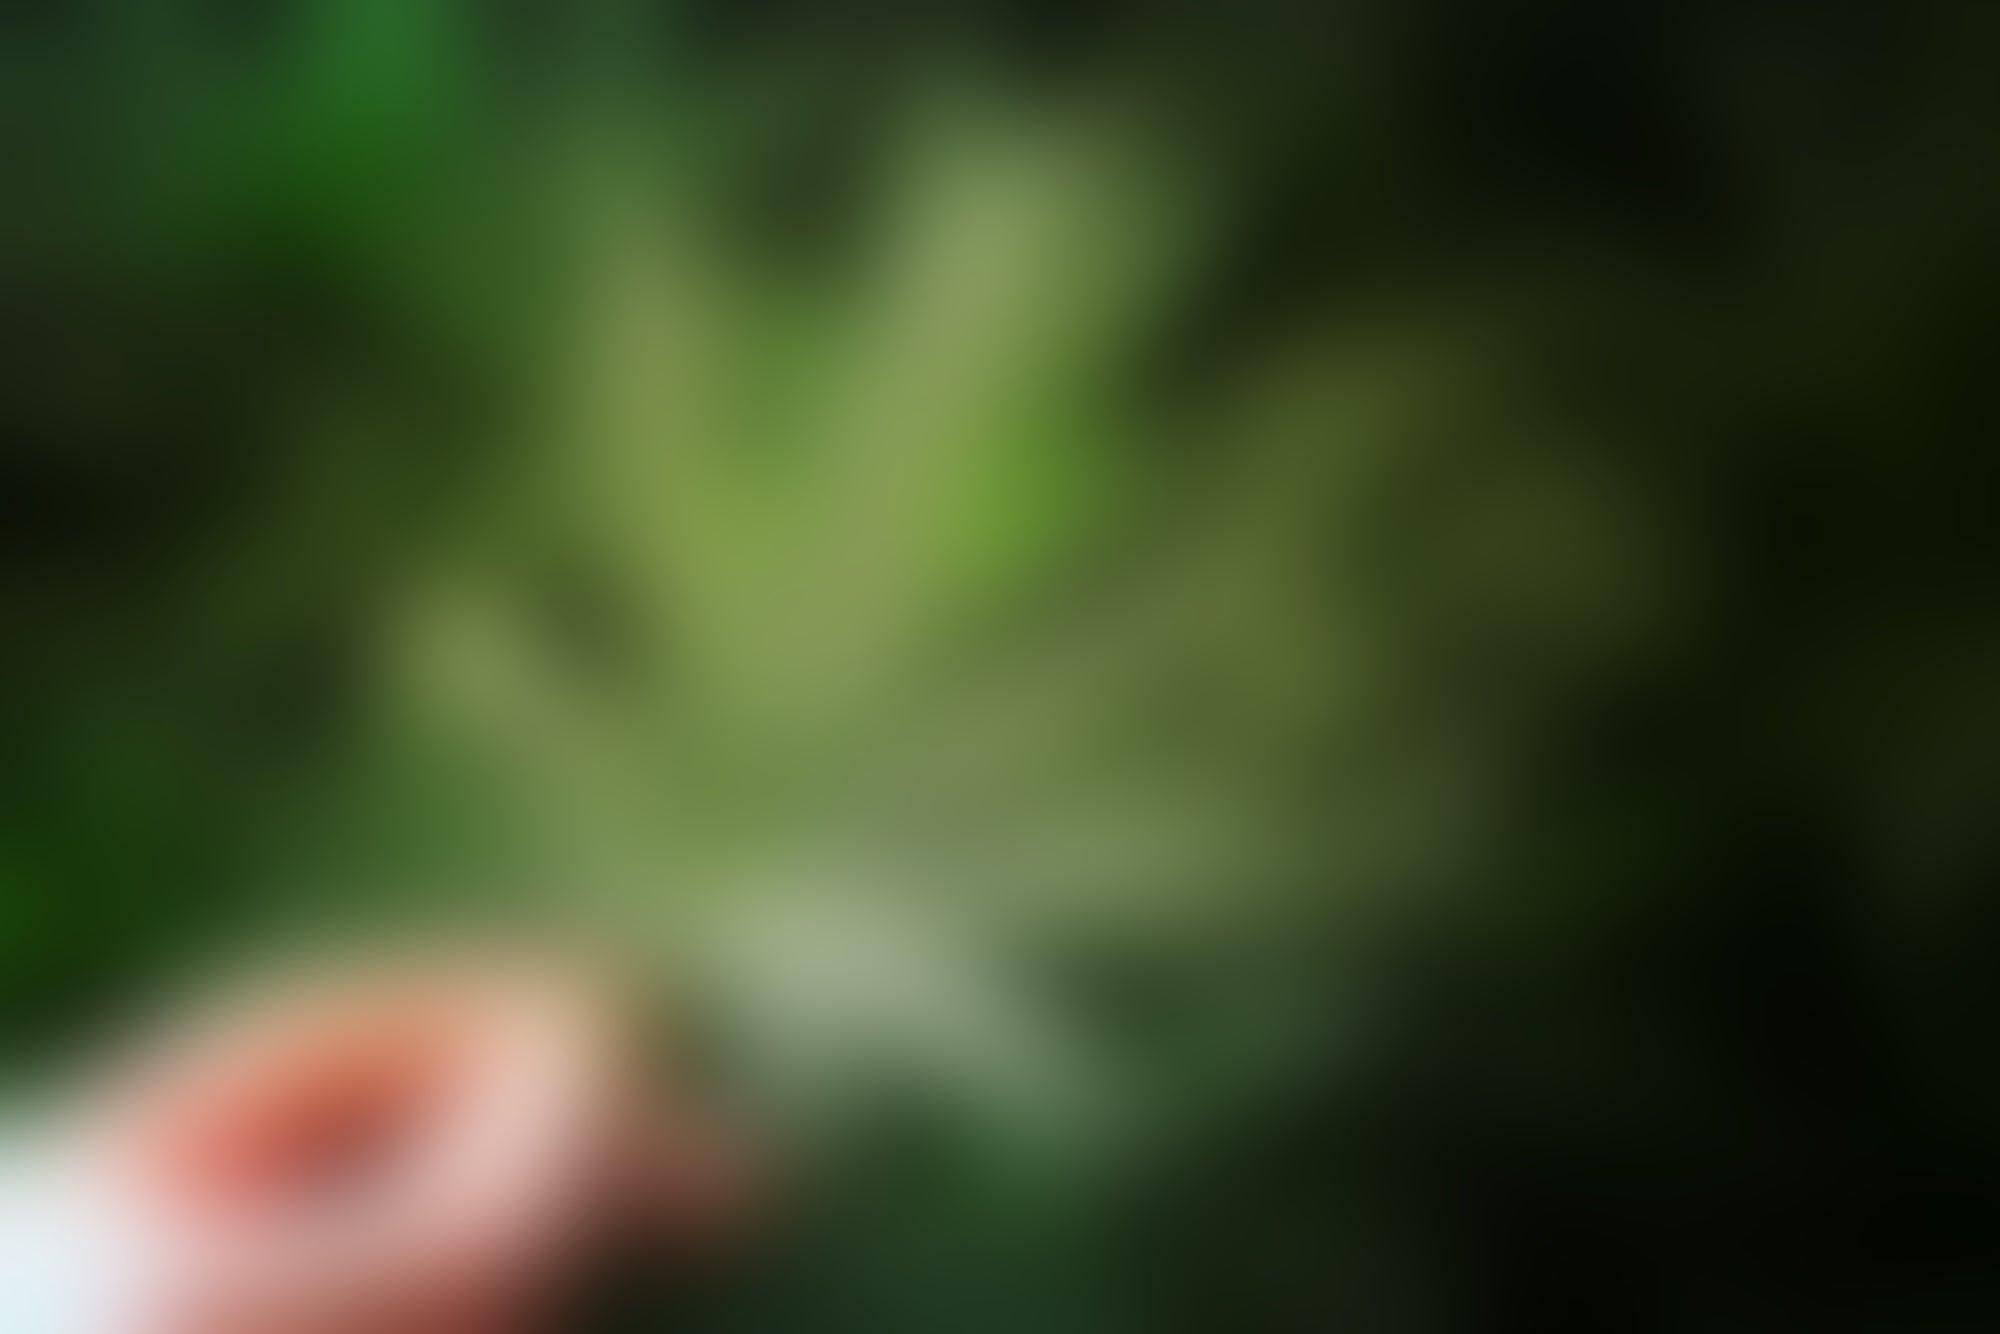 Así es la iniciativa que presentó Morena para despenalizar la marihuana en México